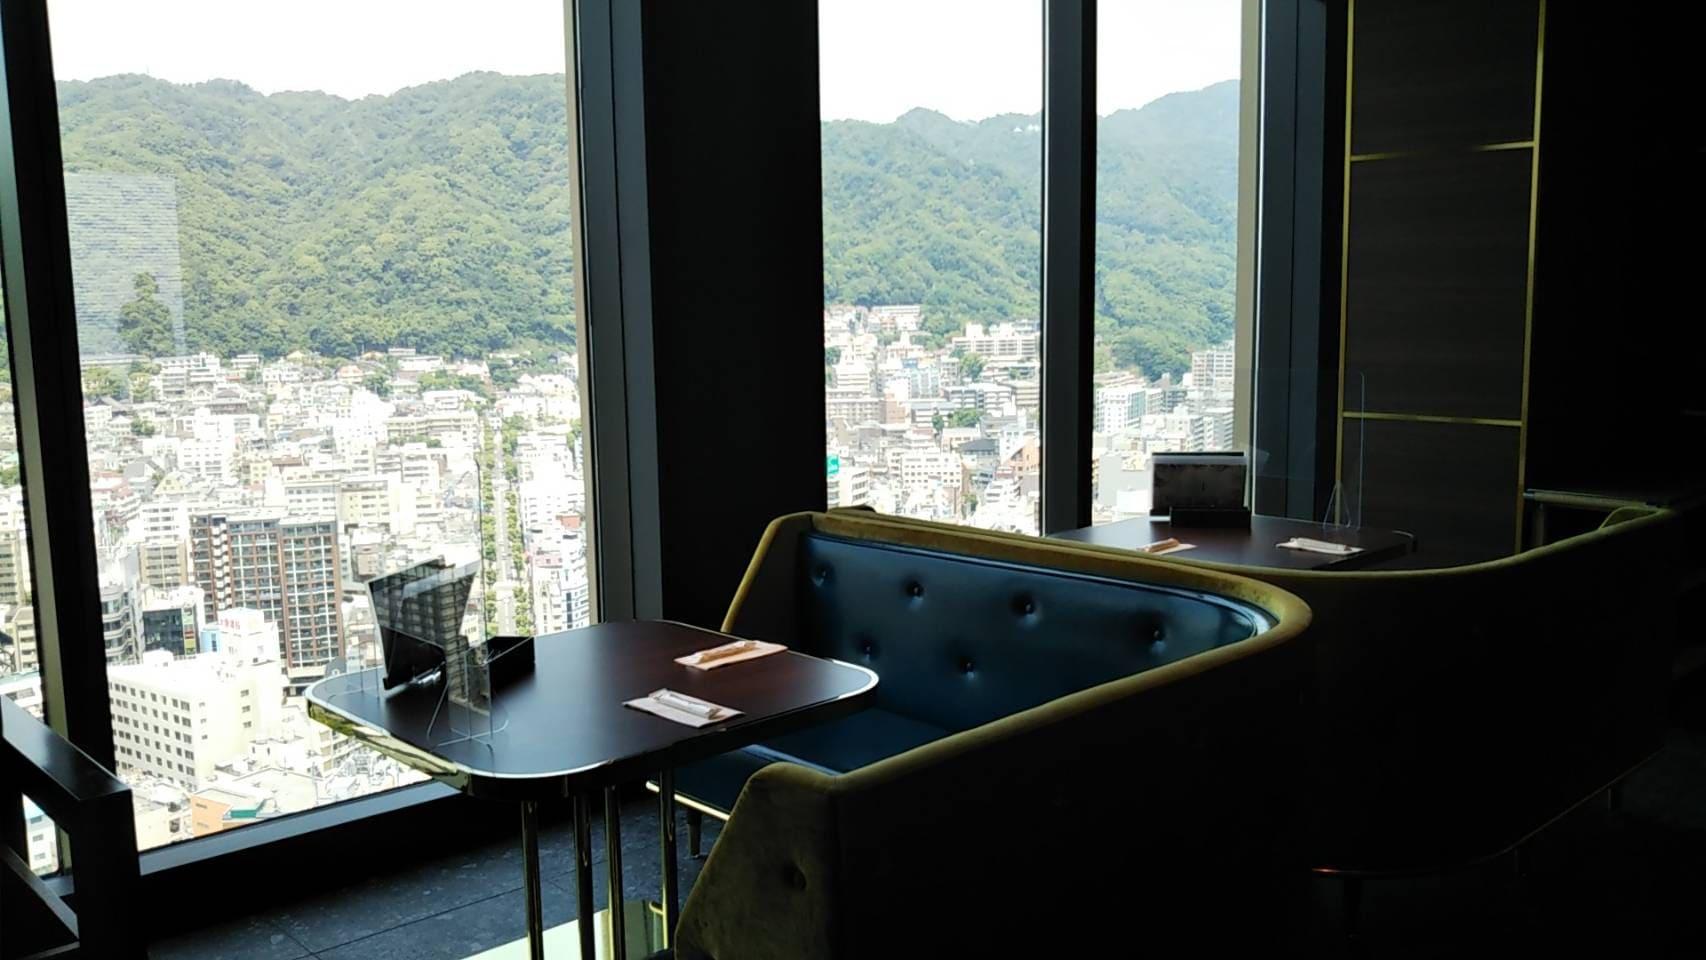 レストラン望海山からの眺望 山側の景色